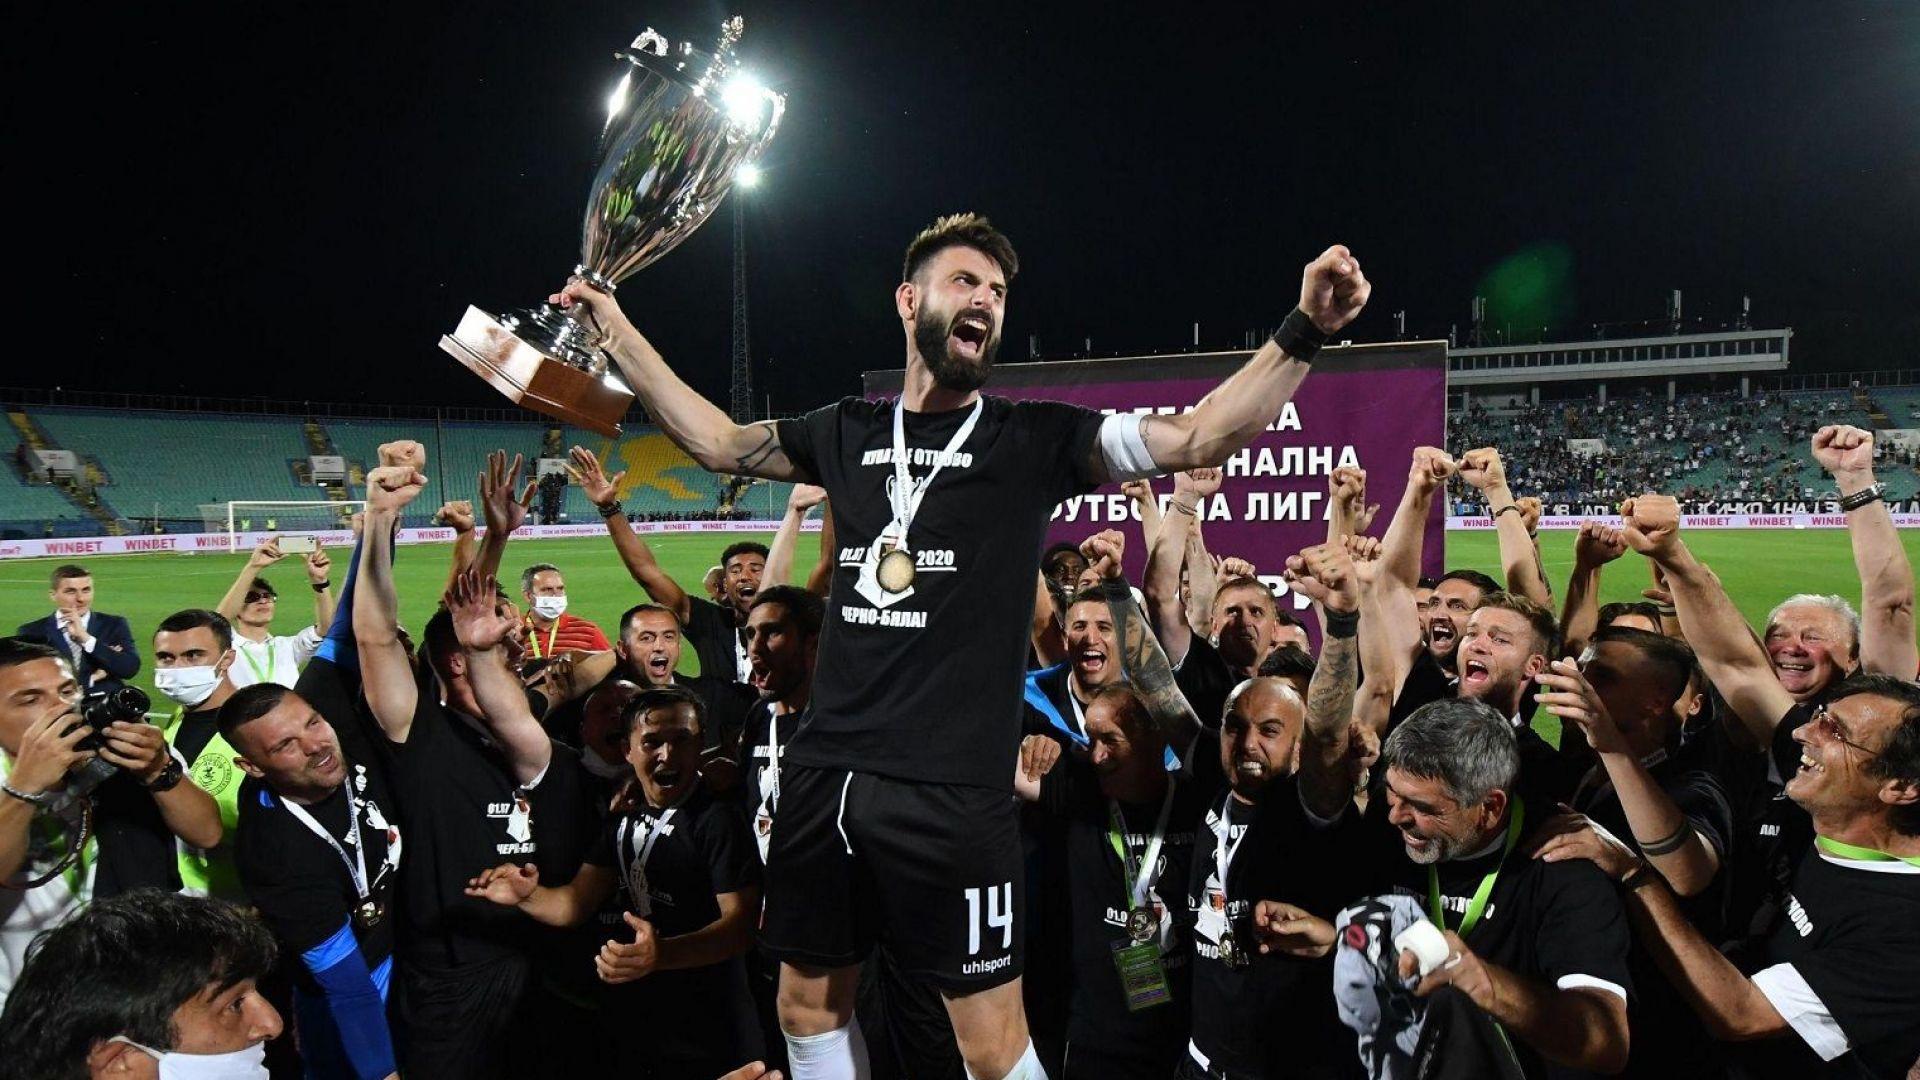 Локомотив отново го направи! Пловдивчани грабнаха Купата след дузпи срещу ЦСКА